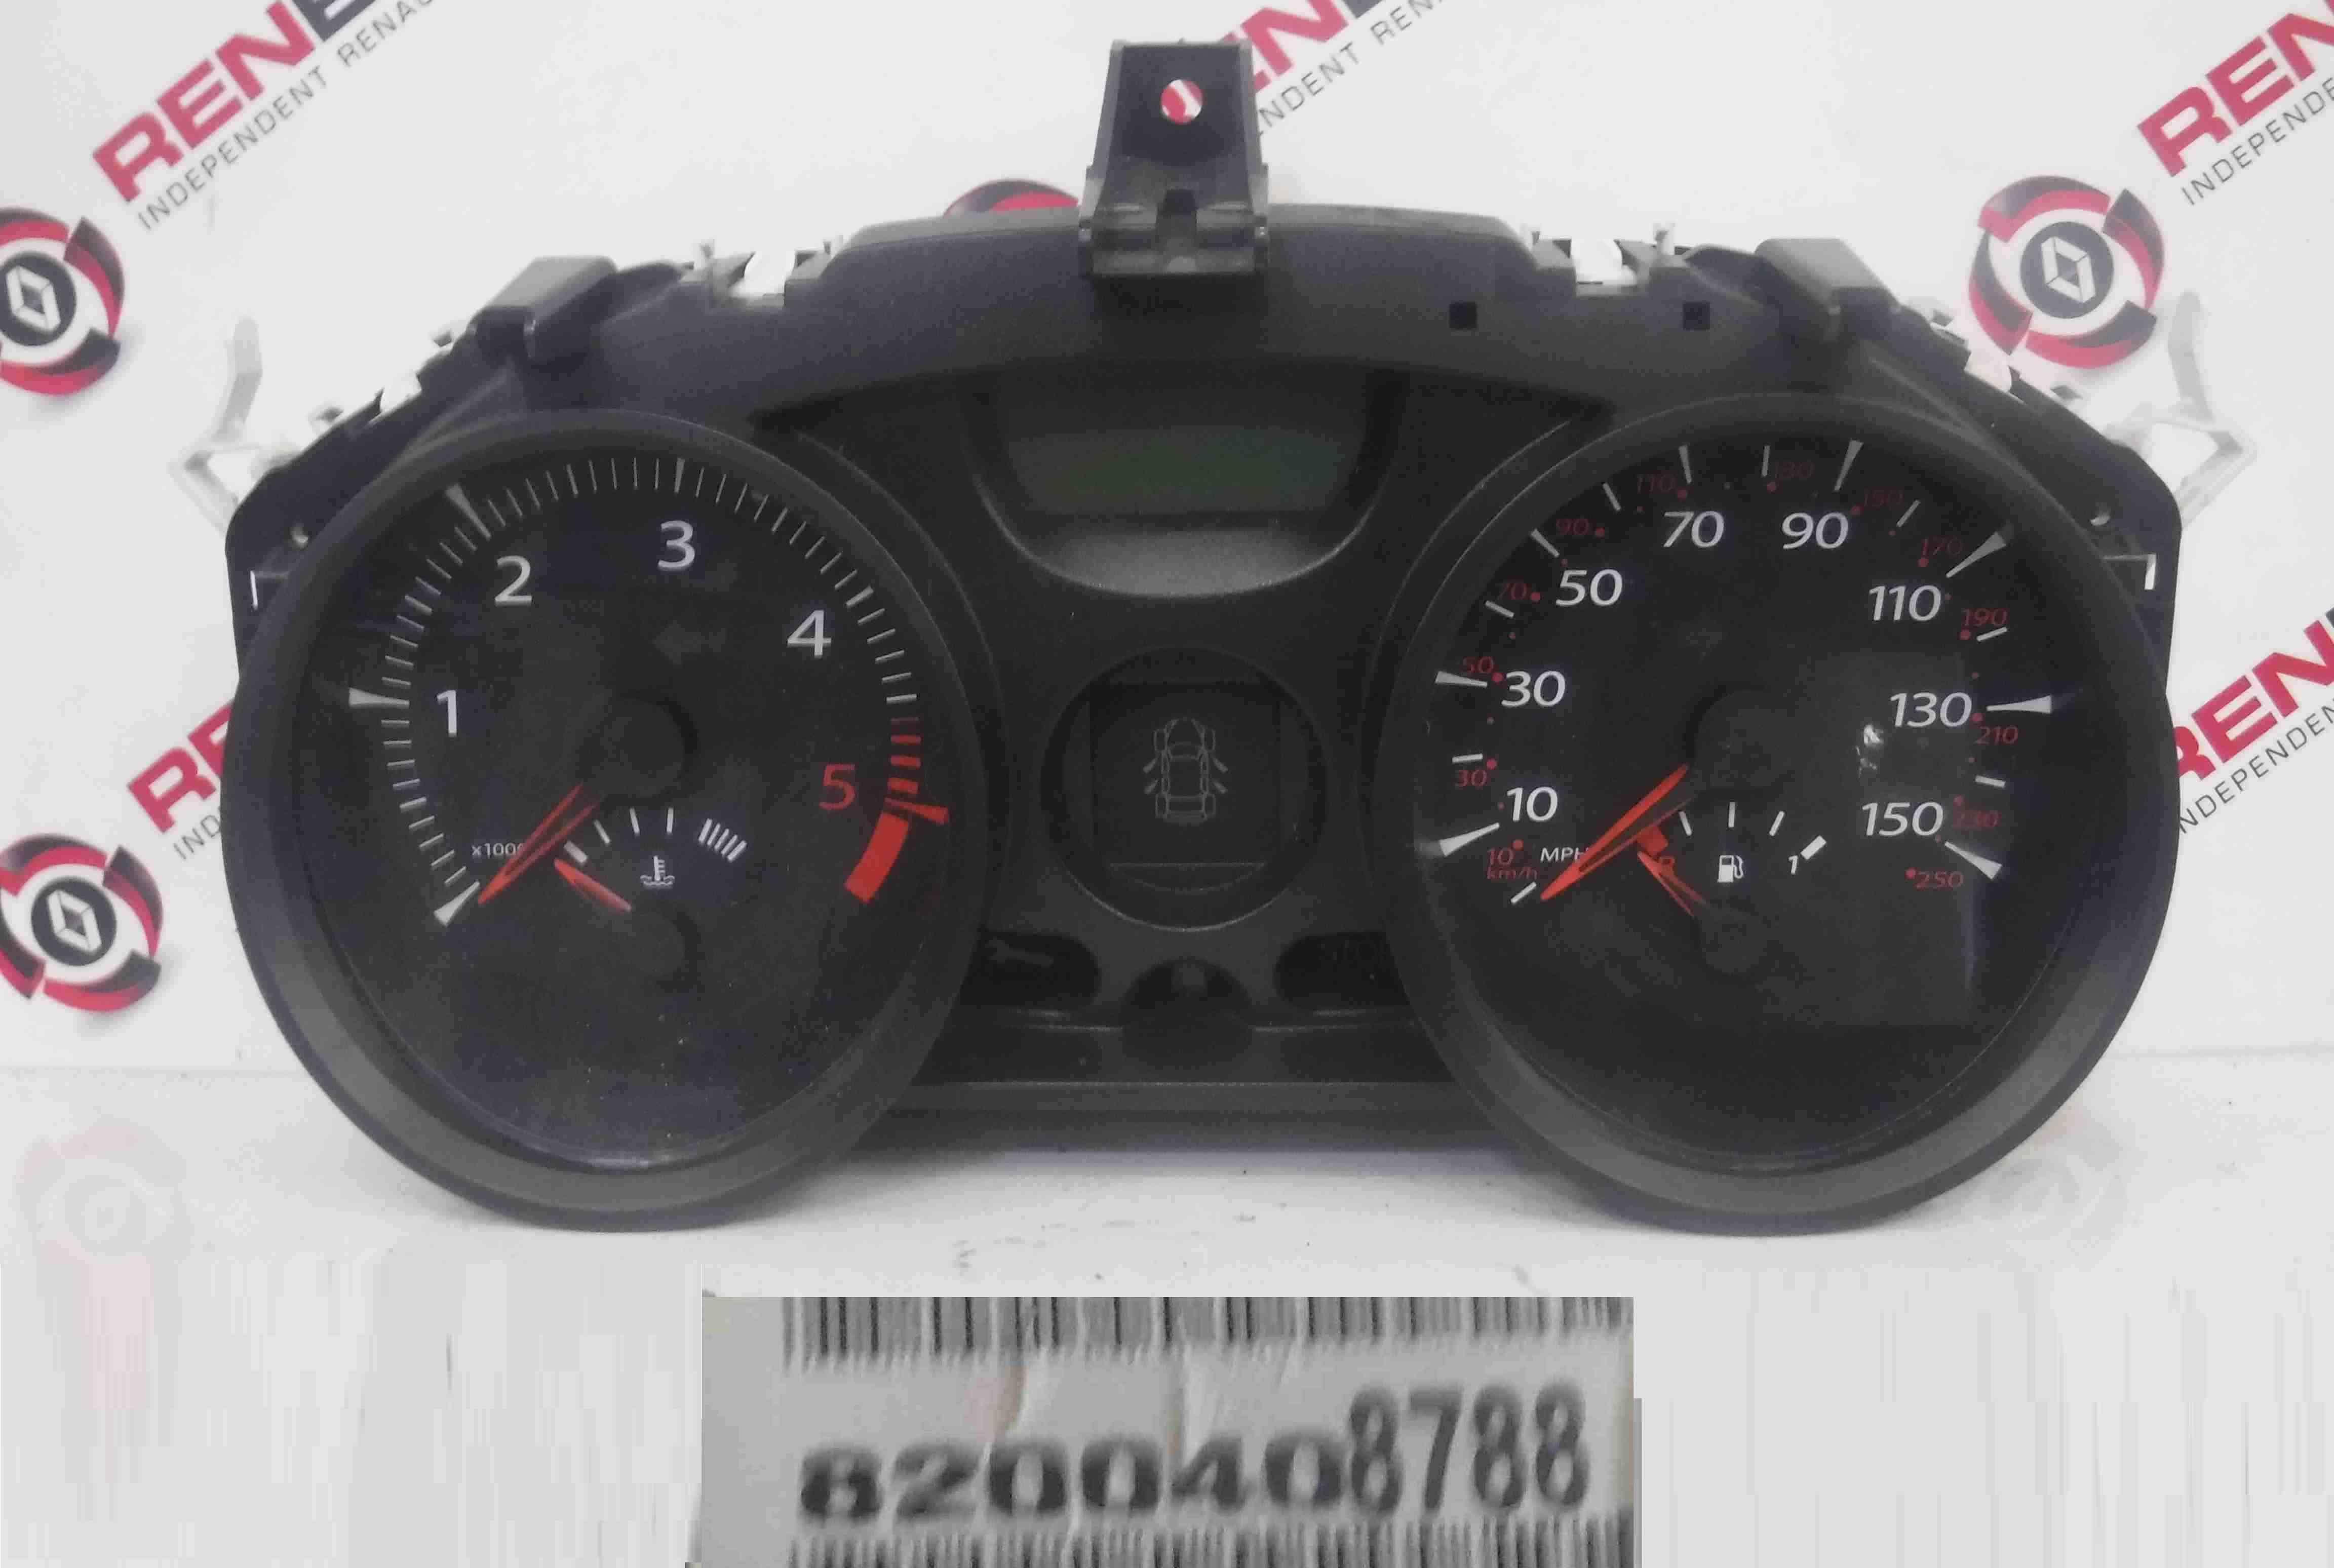 Renault Megane 2006-2008 Instrument Panel Dials Gauges Clocks 105K 8200408788